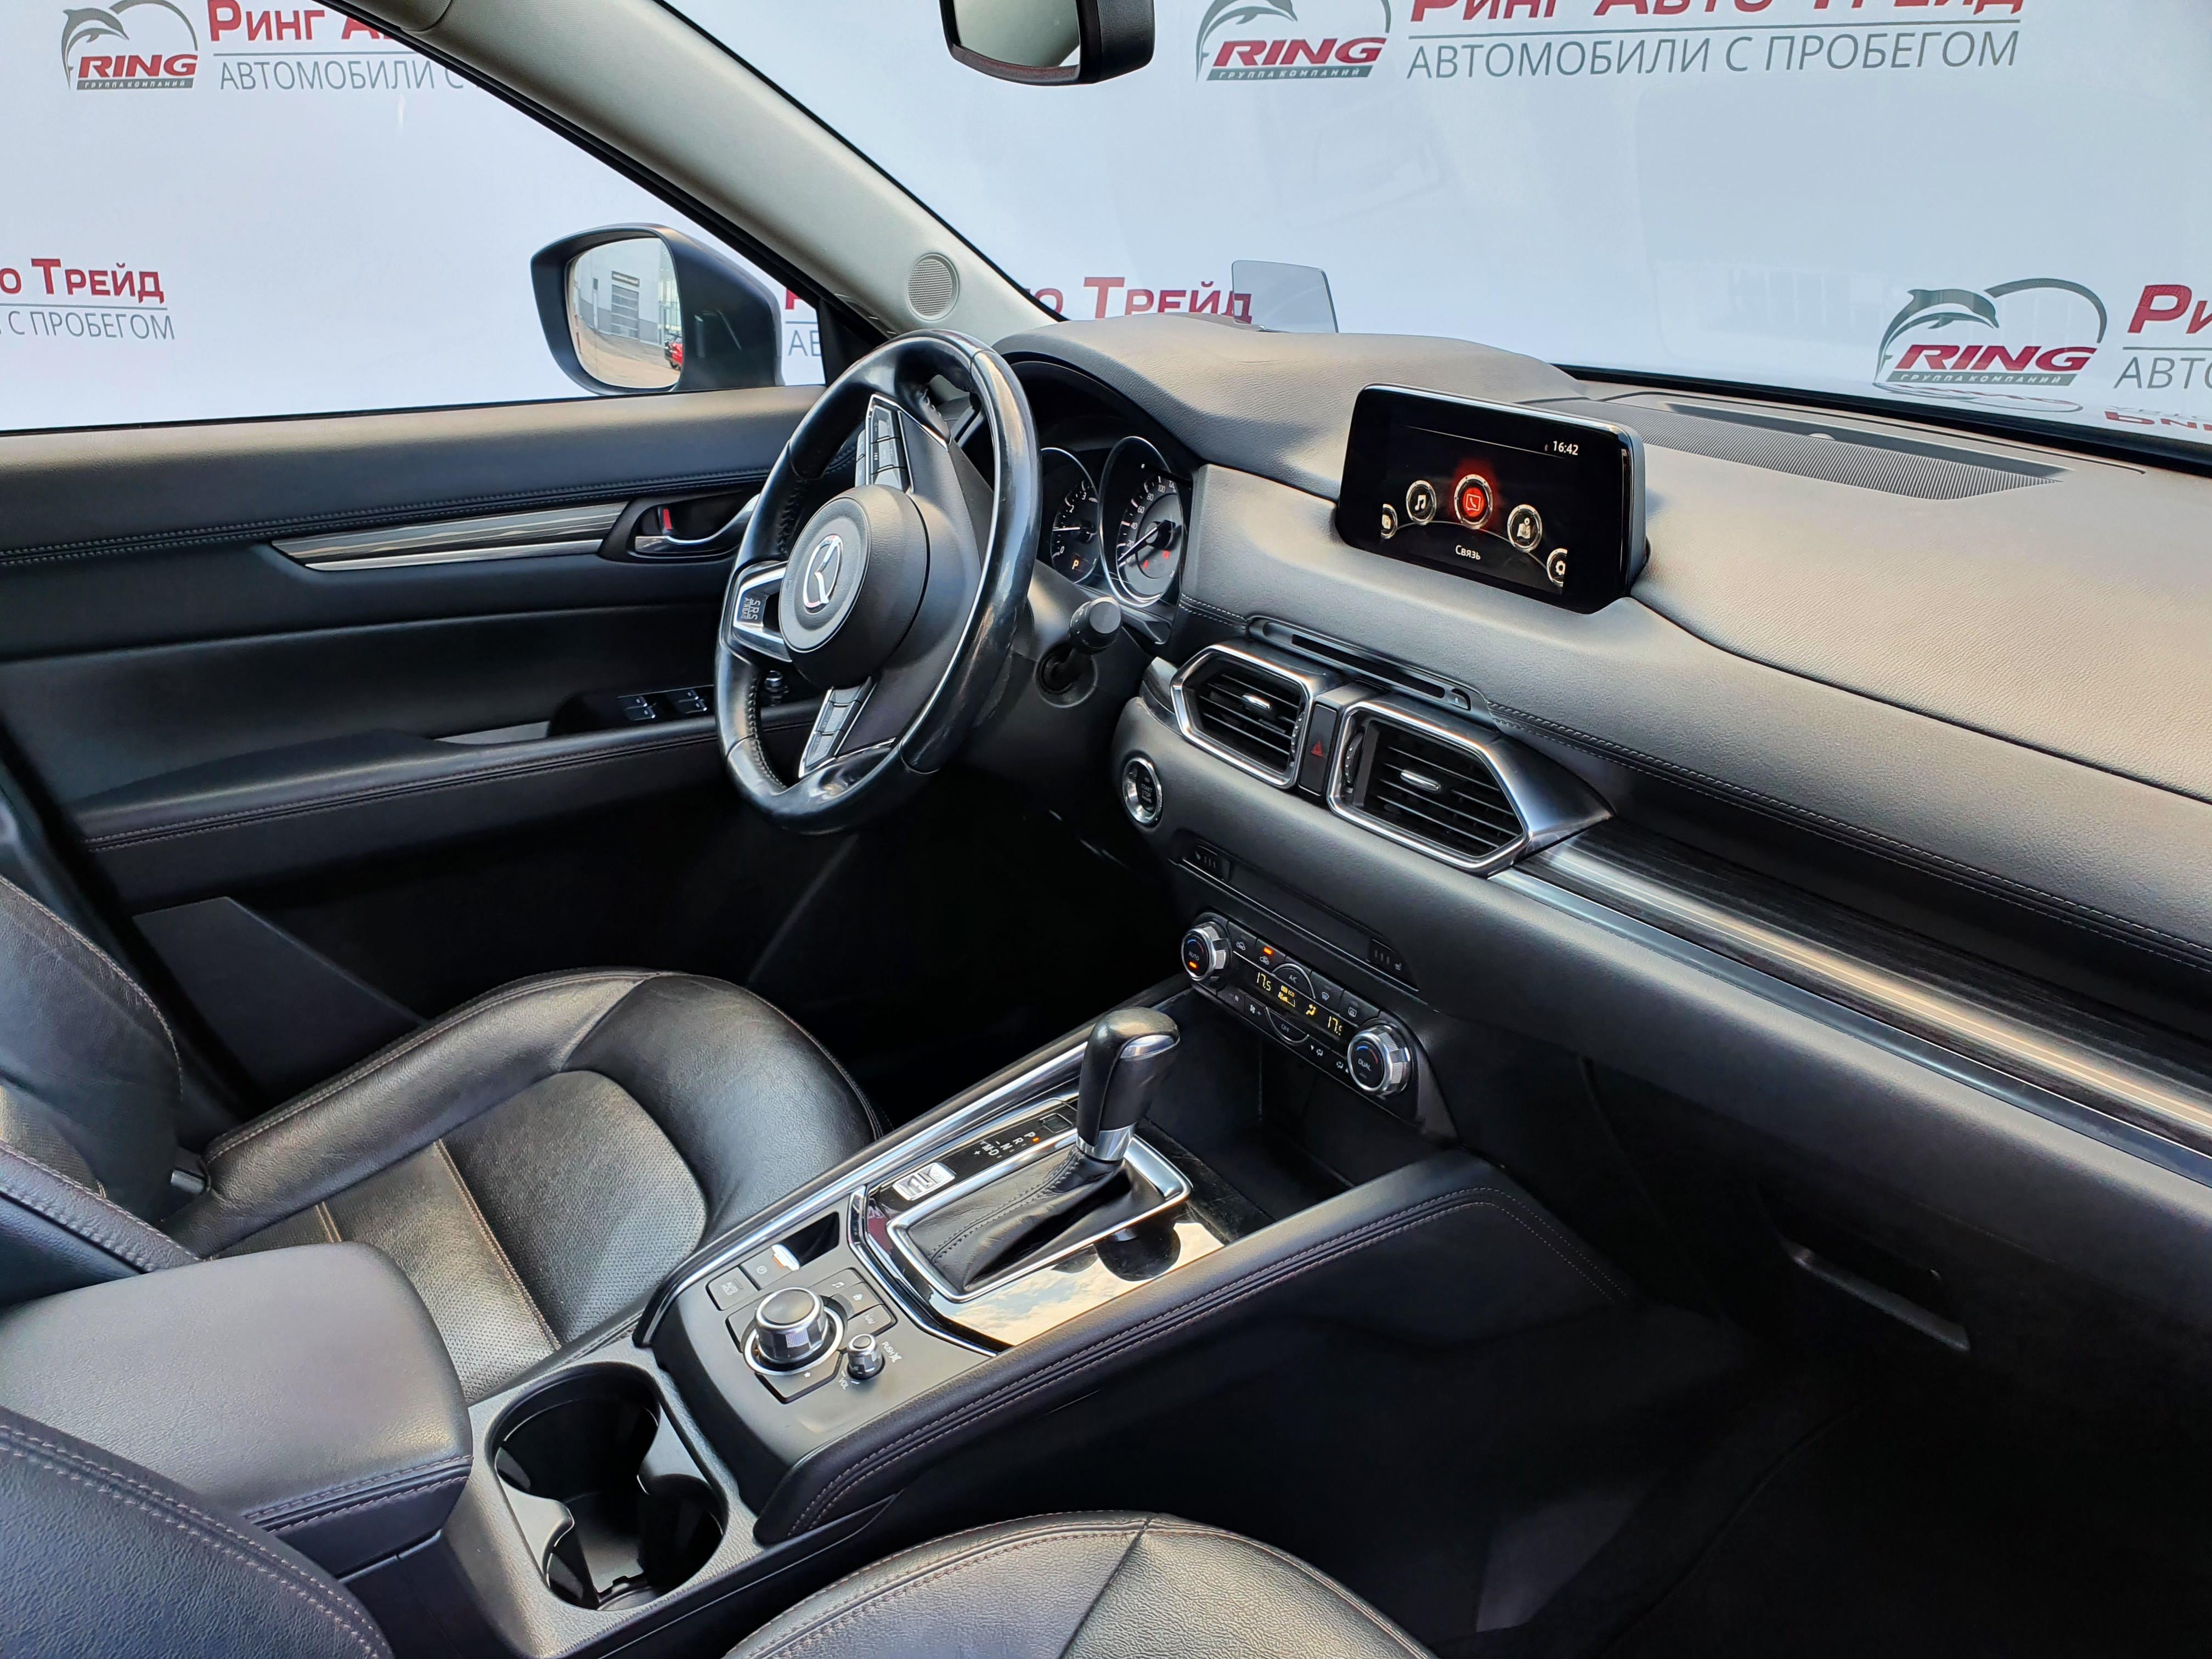 Mazda CX-5 Внедорожник (2017г.)